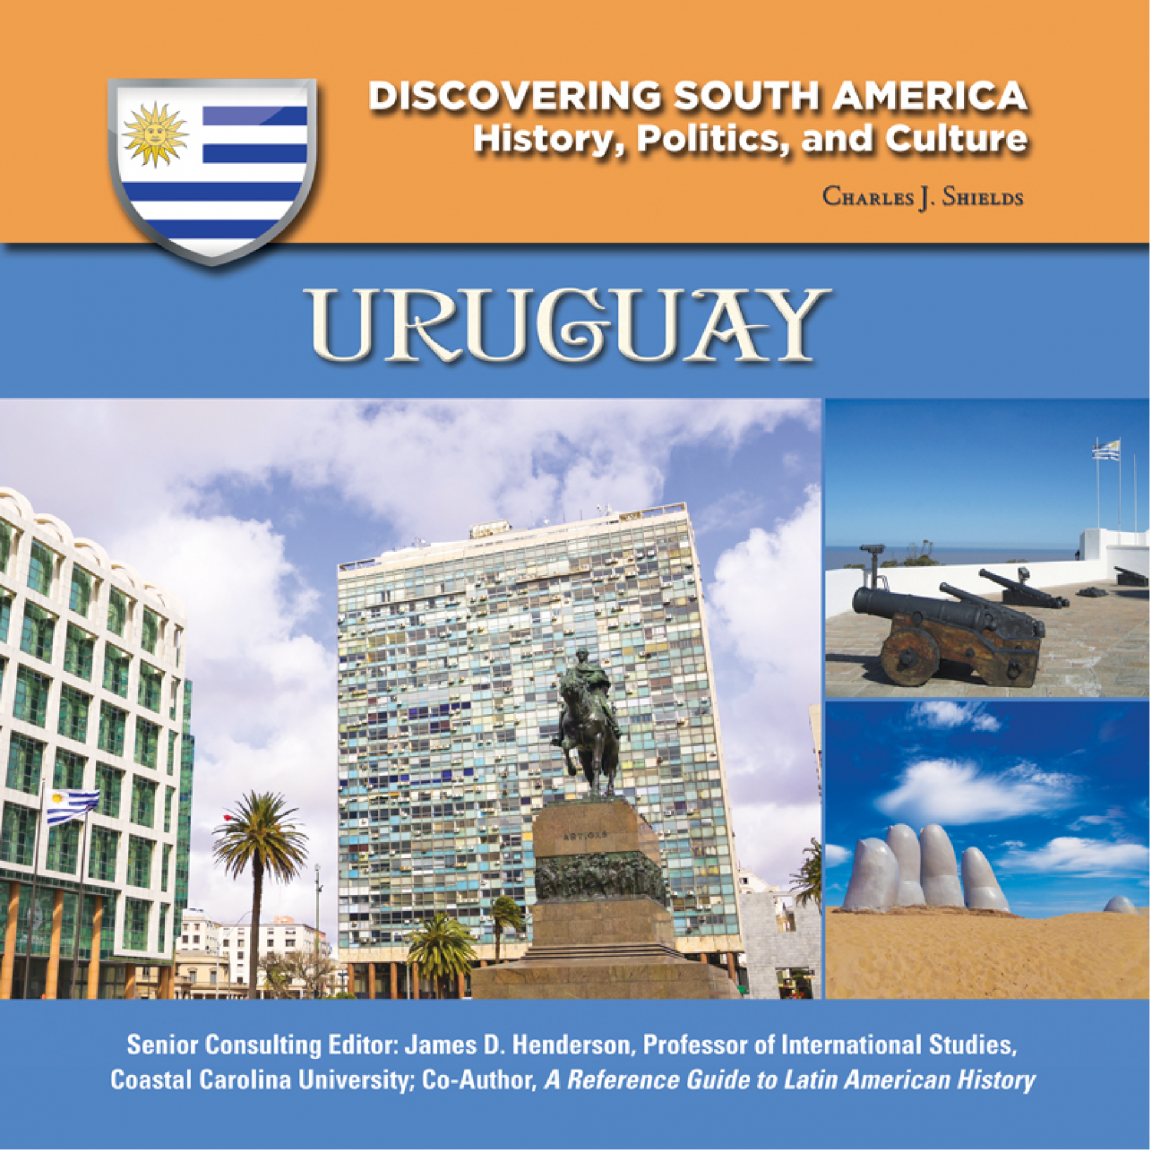 uruguay-01.png